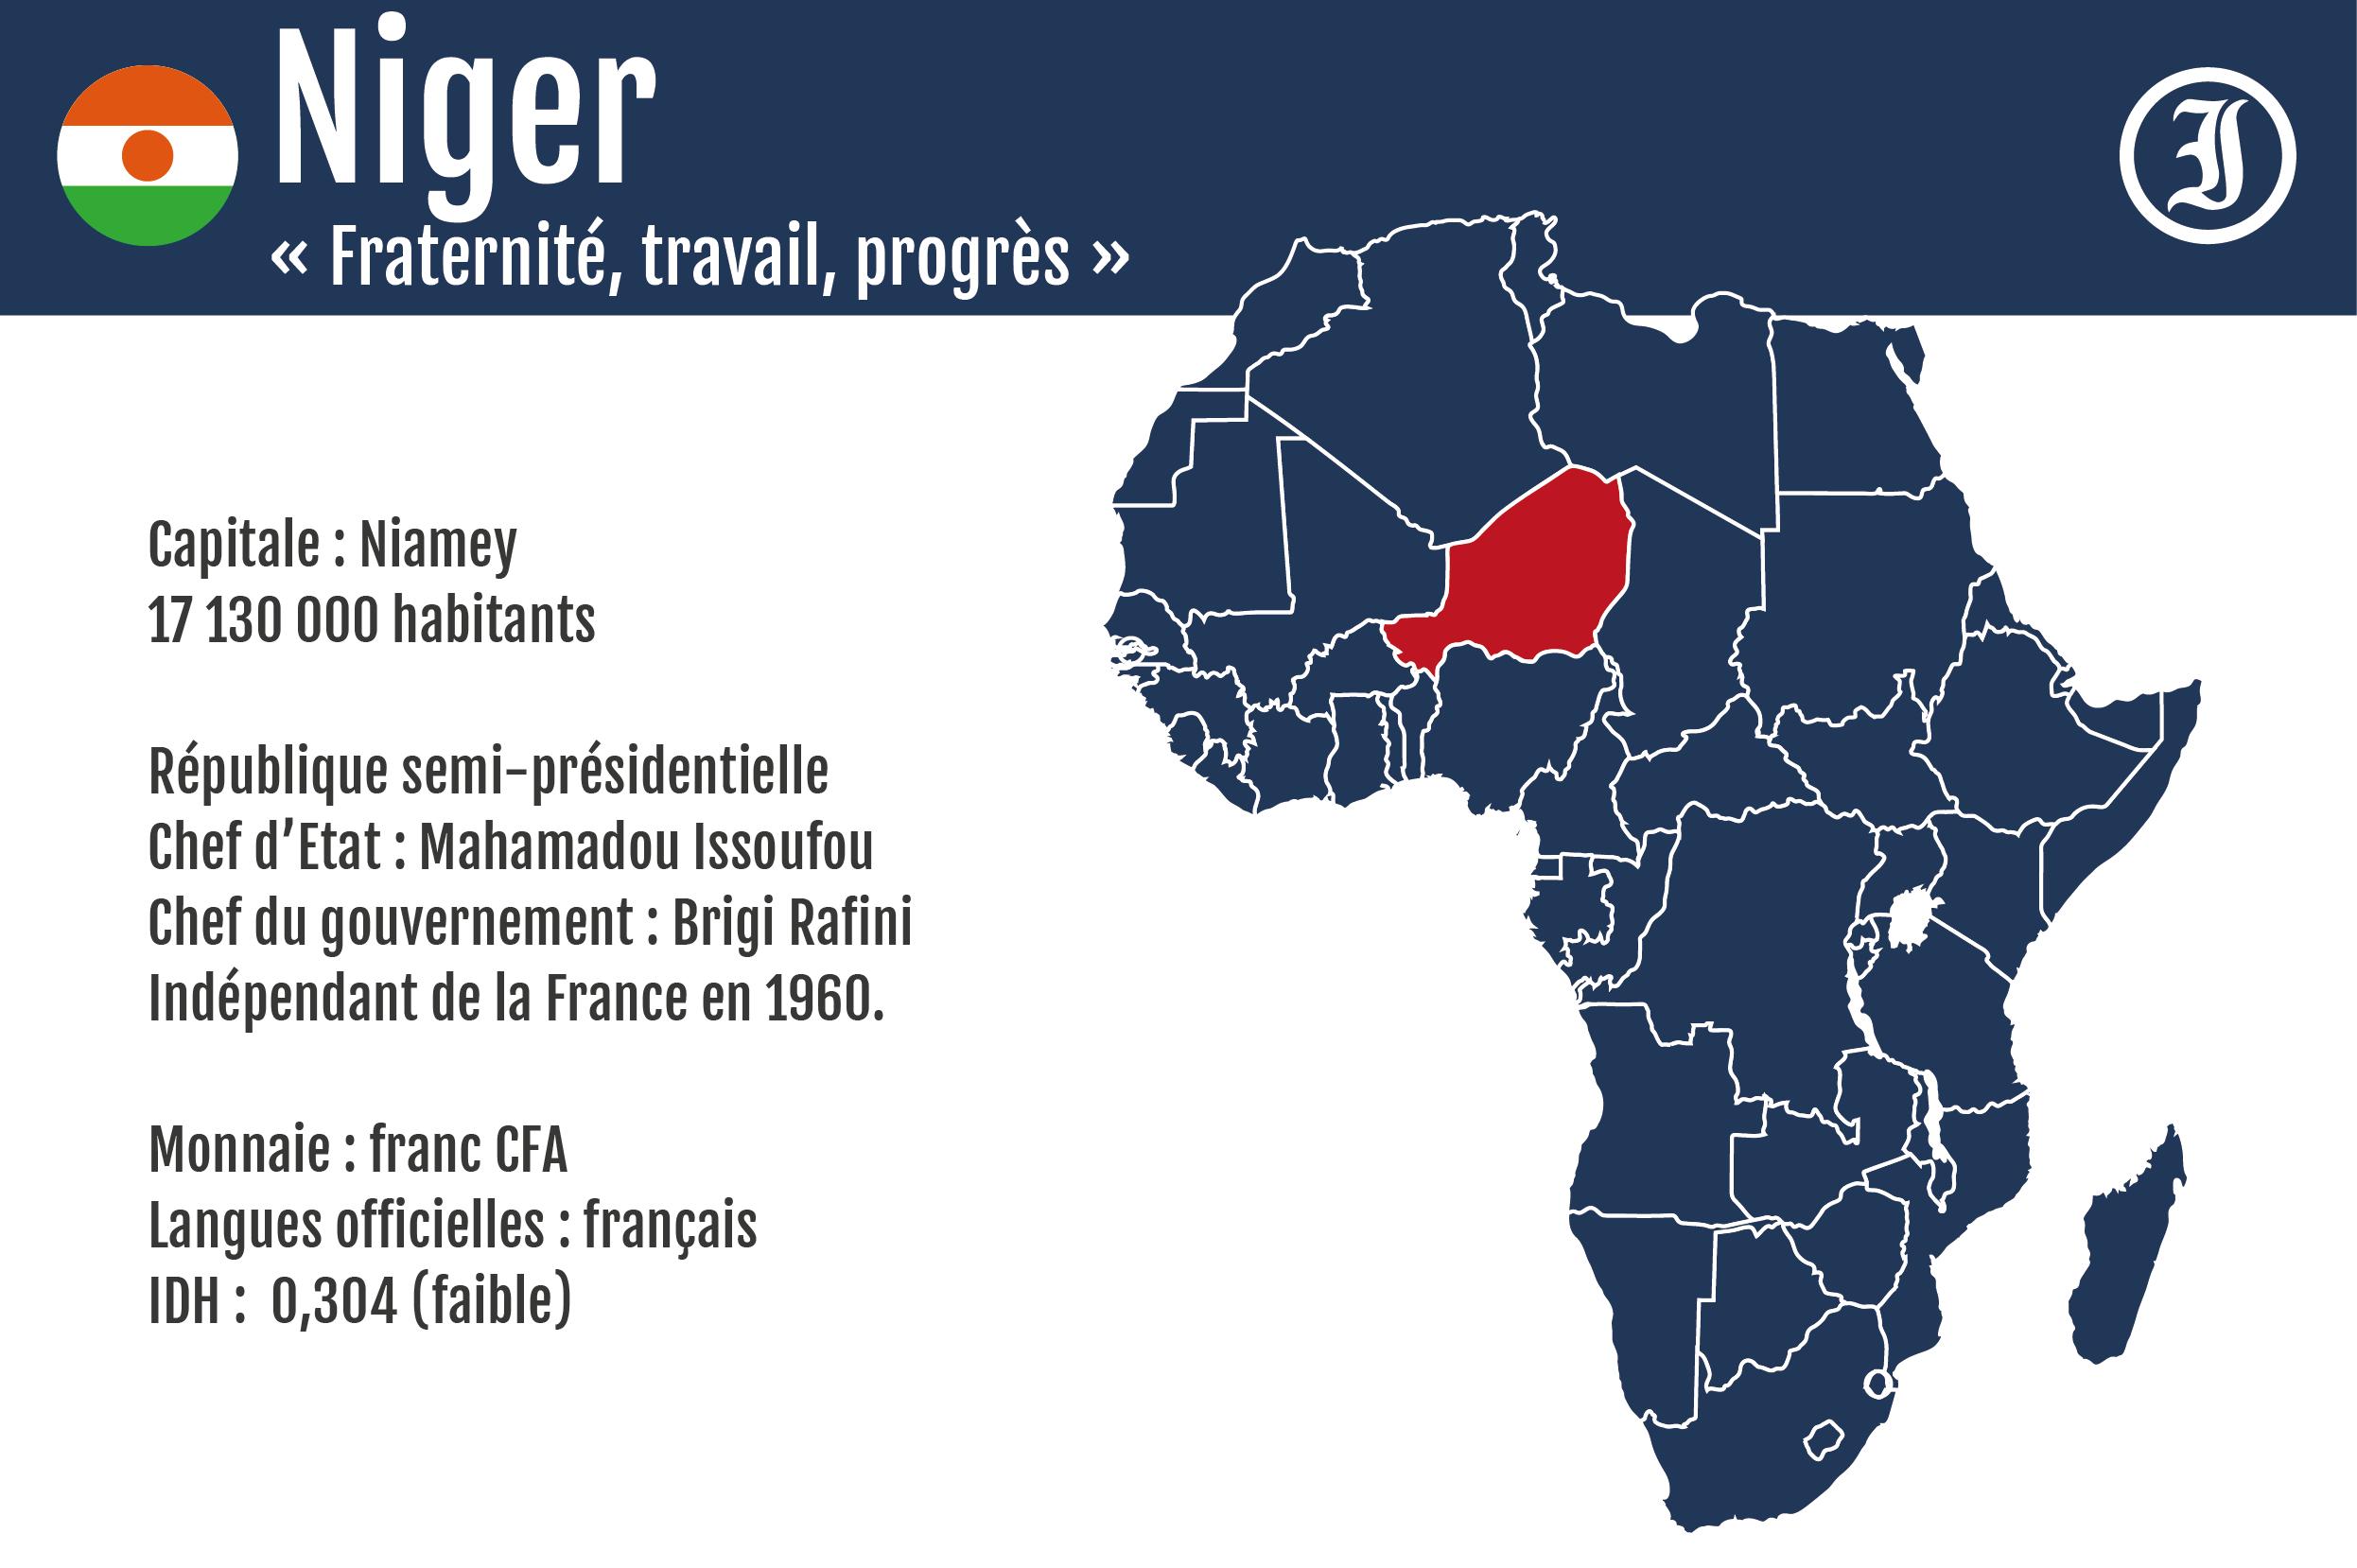 Épidemie de méningite au Niger